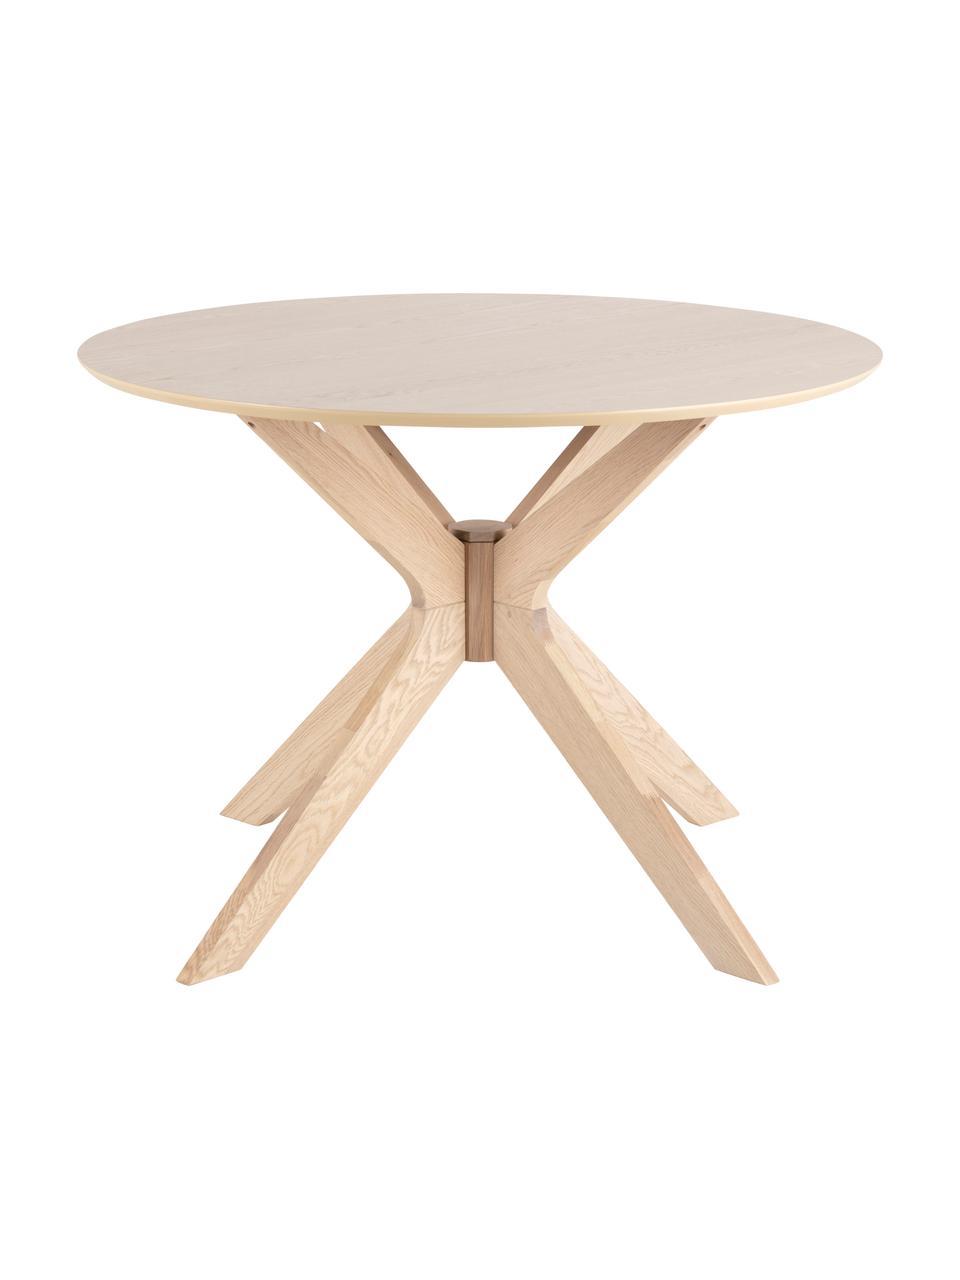 Okrągły stół do jadalni z forniru z drewna dębowego Duncan, Blat: płyta pilśniowa średniej , Nogi: drewno dębowe, lite, Fornir z drewna dębowego, Ø 105 x W 75 cm